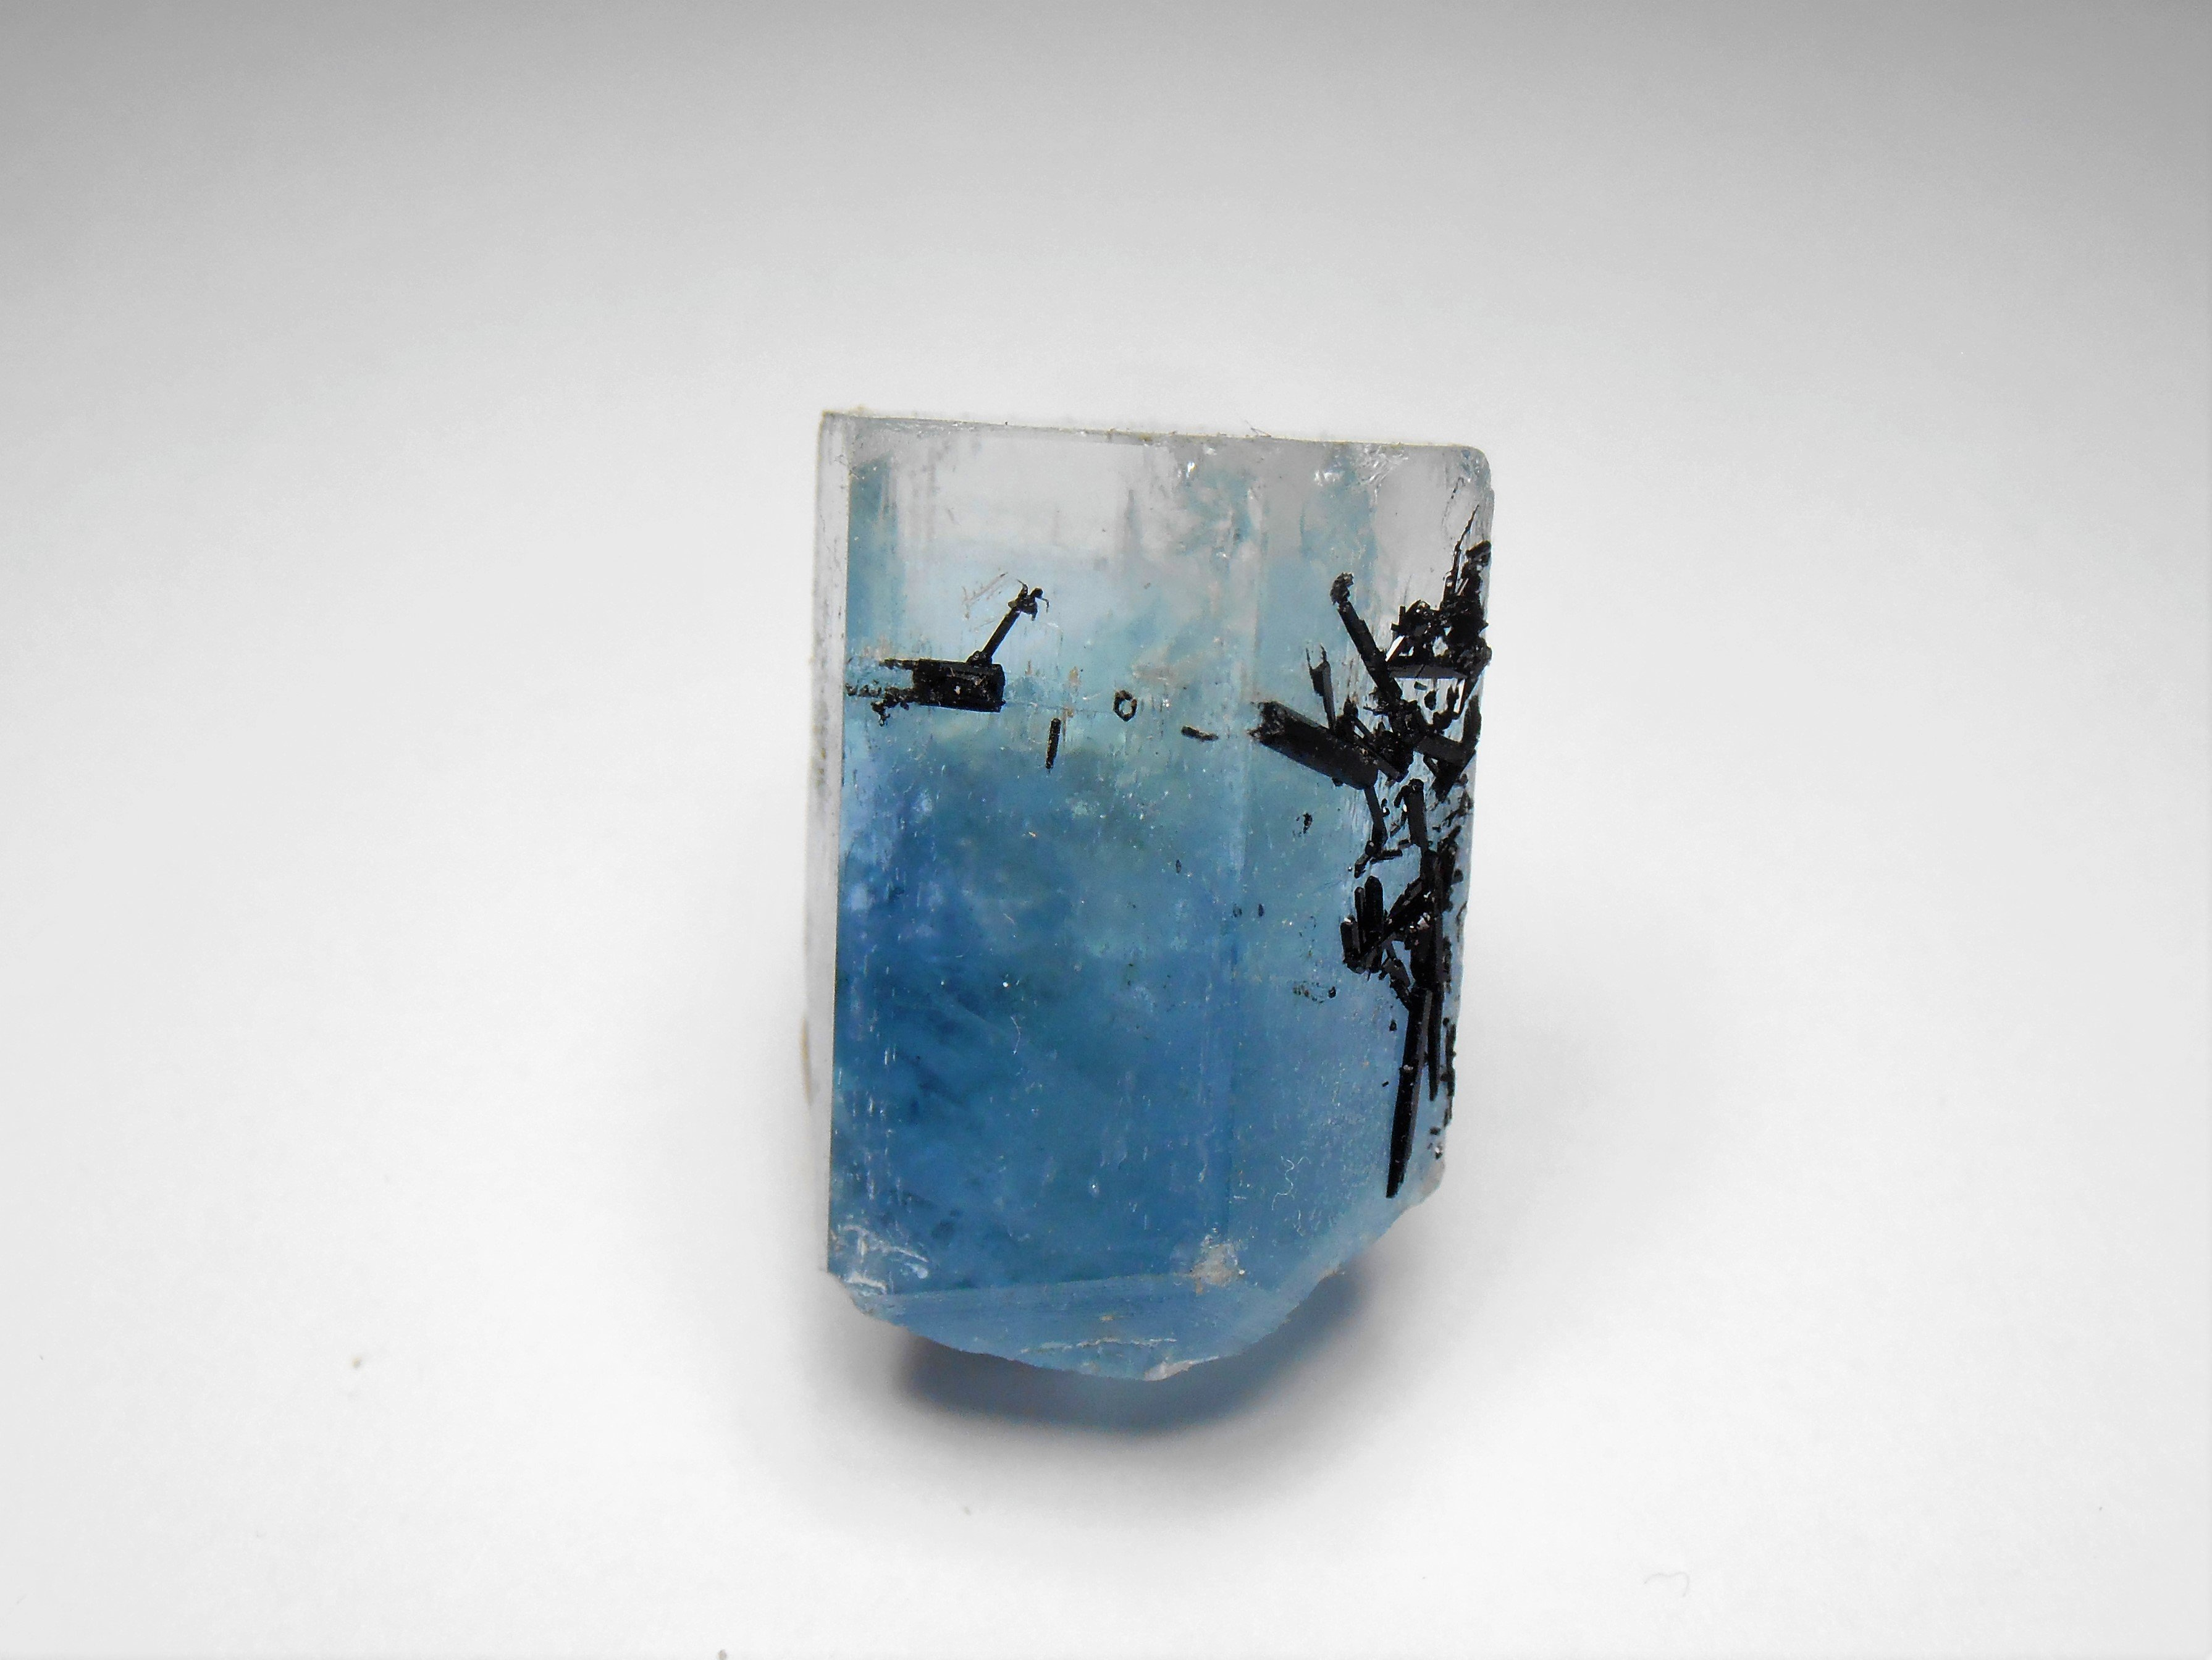 aquamarine erongo namibia